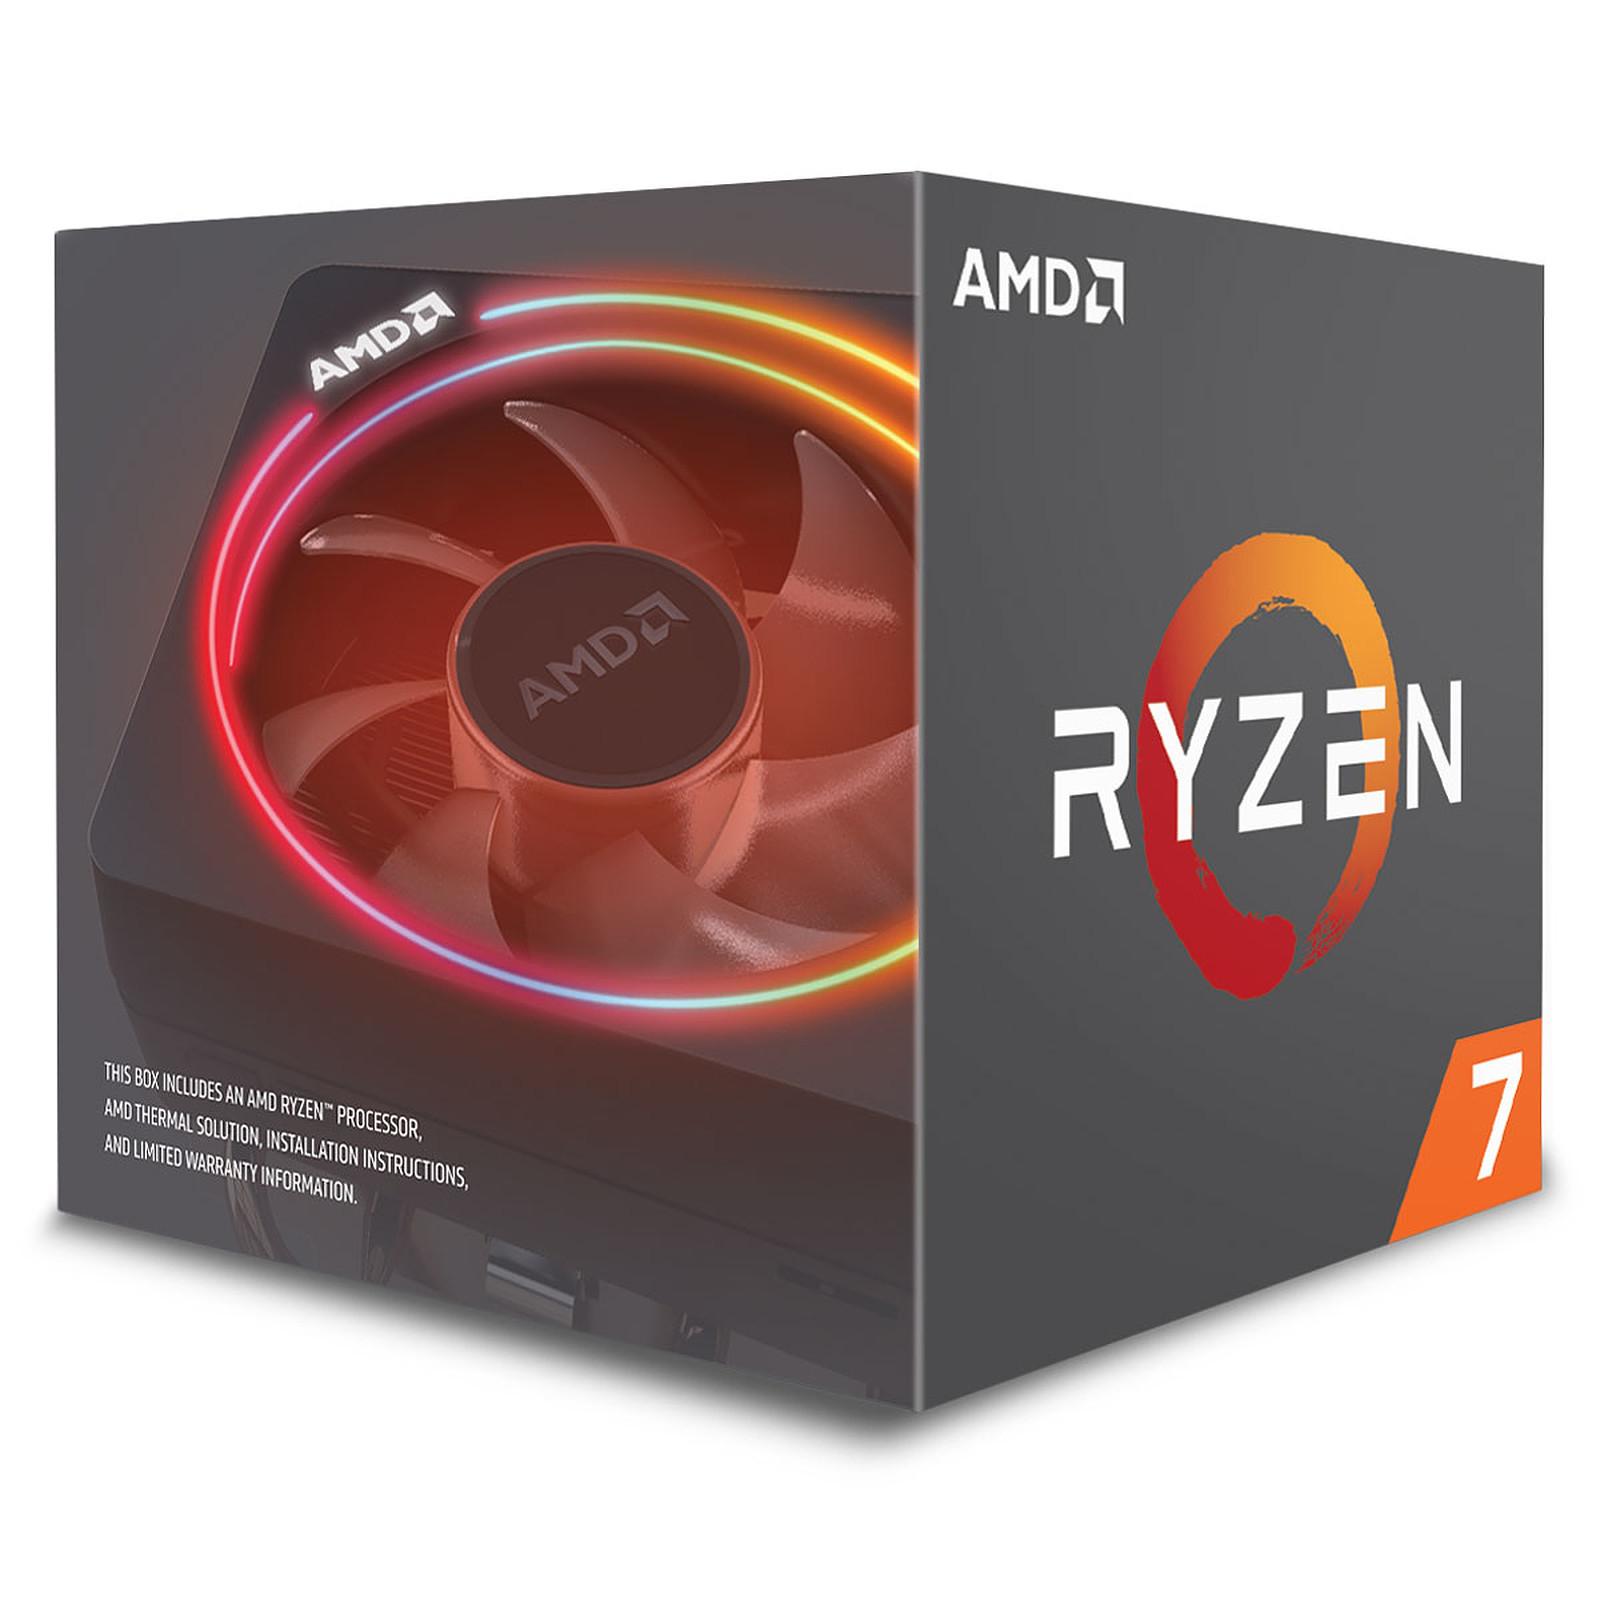 Processeur AMD Ryzen 7 2700X Wraith Prism Edition (3.7 GHz) + Jeux PC The Division 2 & World War Z offerts